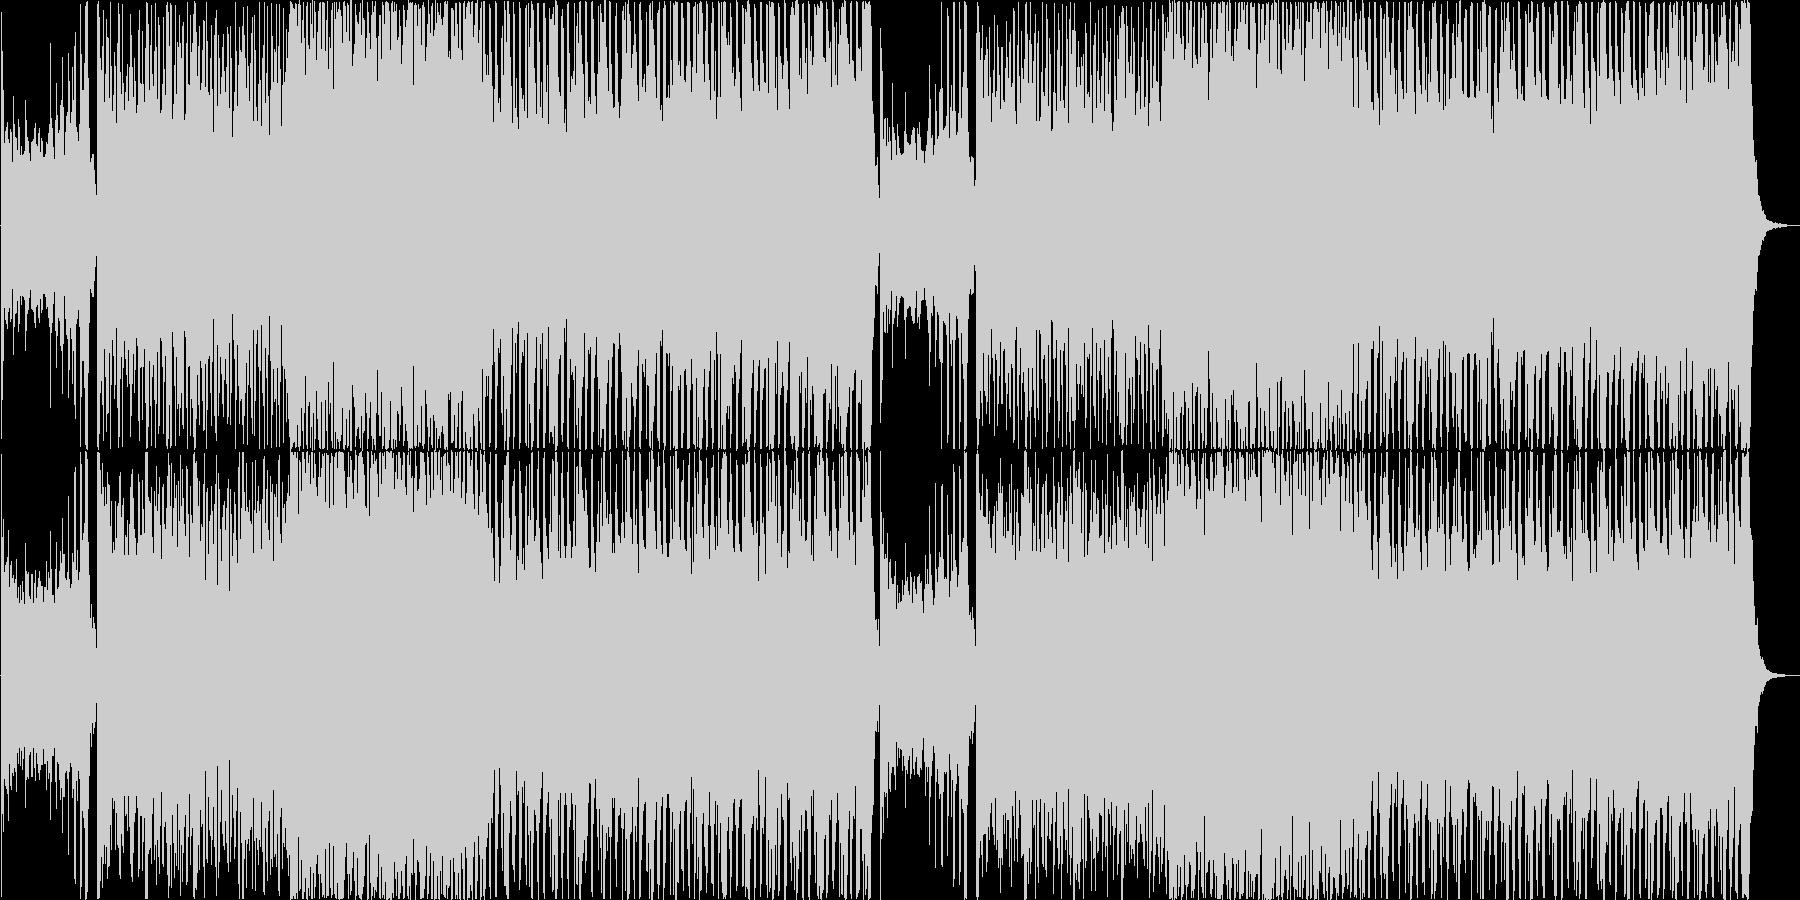 ホラーゲームのアクションシーン風BGMの未再生の波形